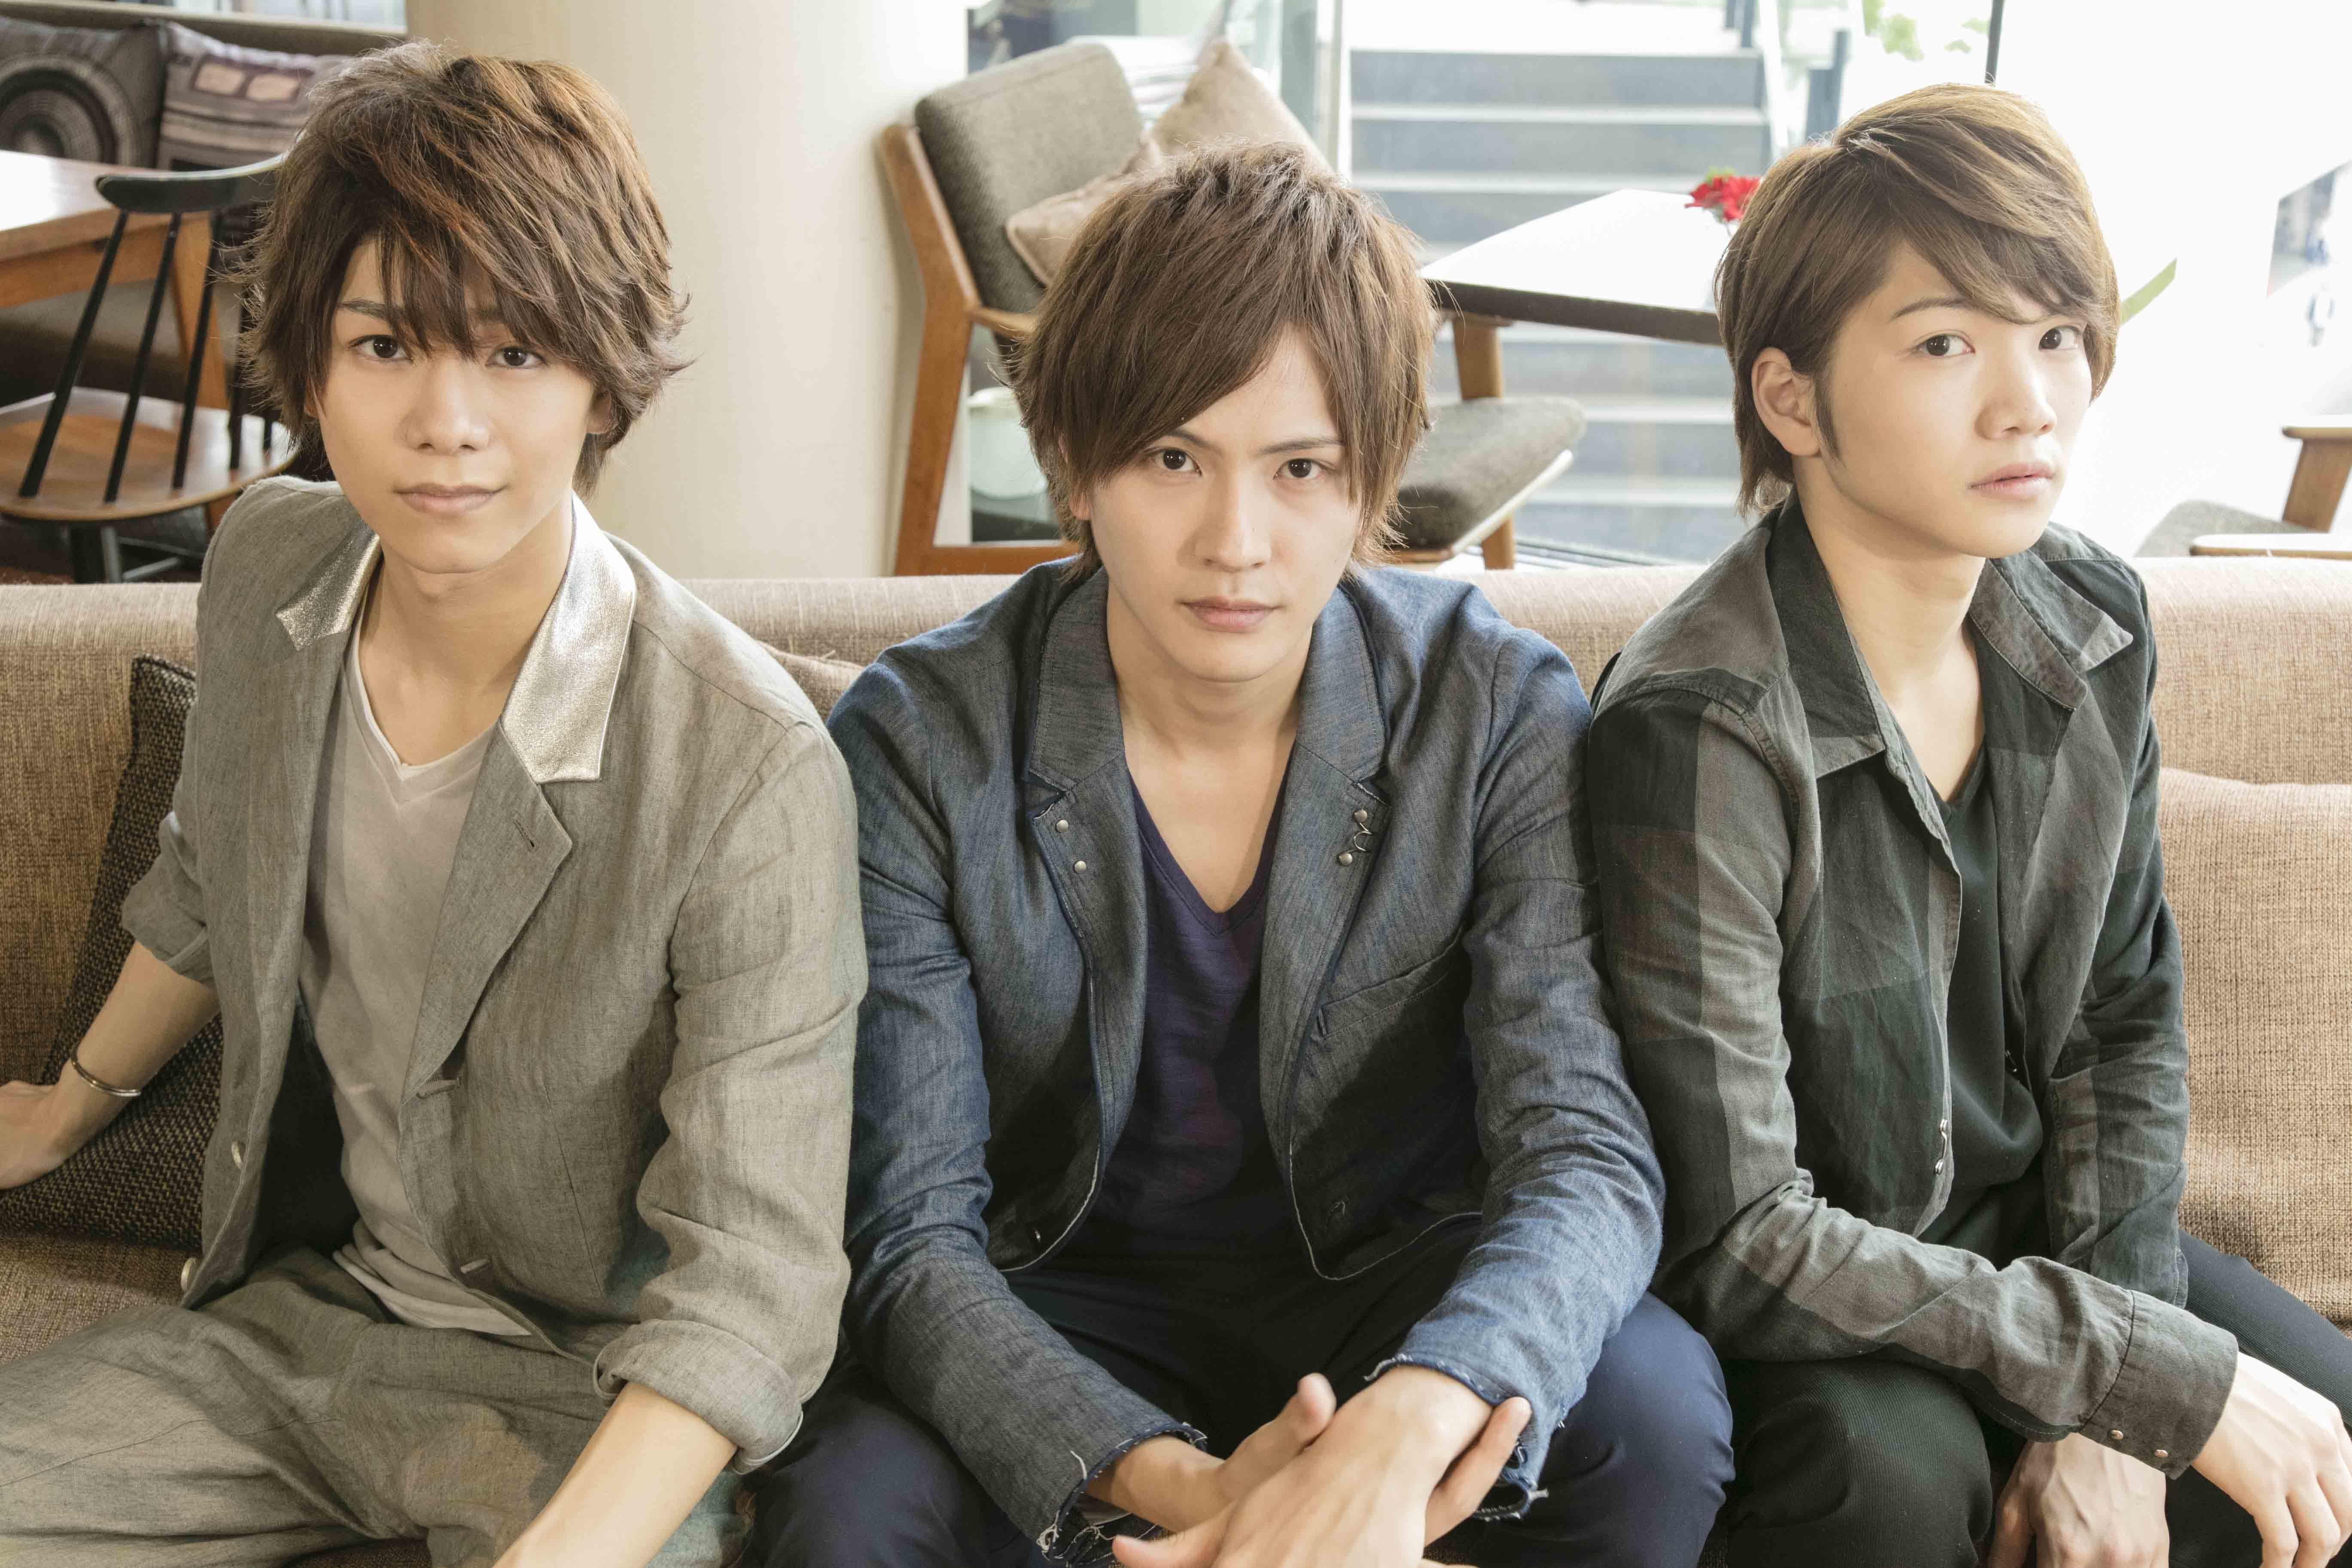 (左から) 北川尚弥、 財木琢磨、 三浦宏規